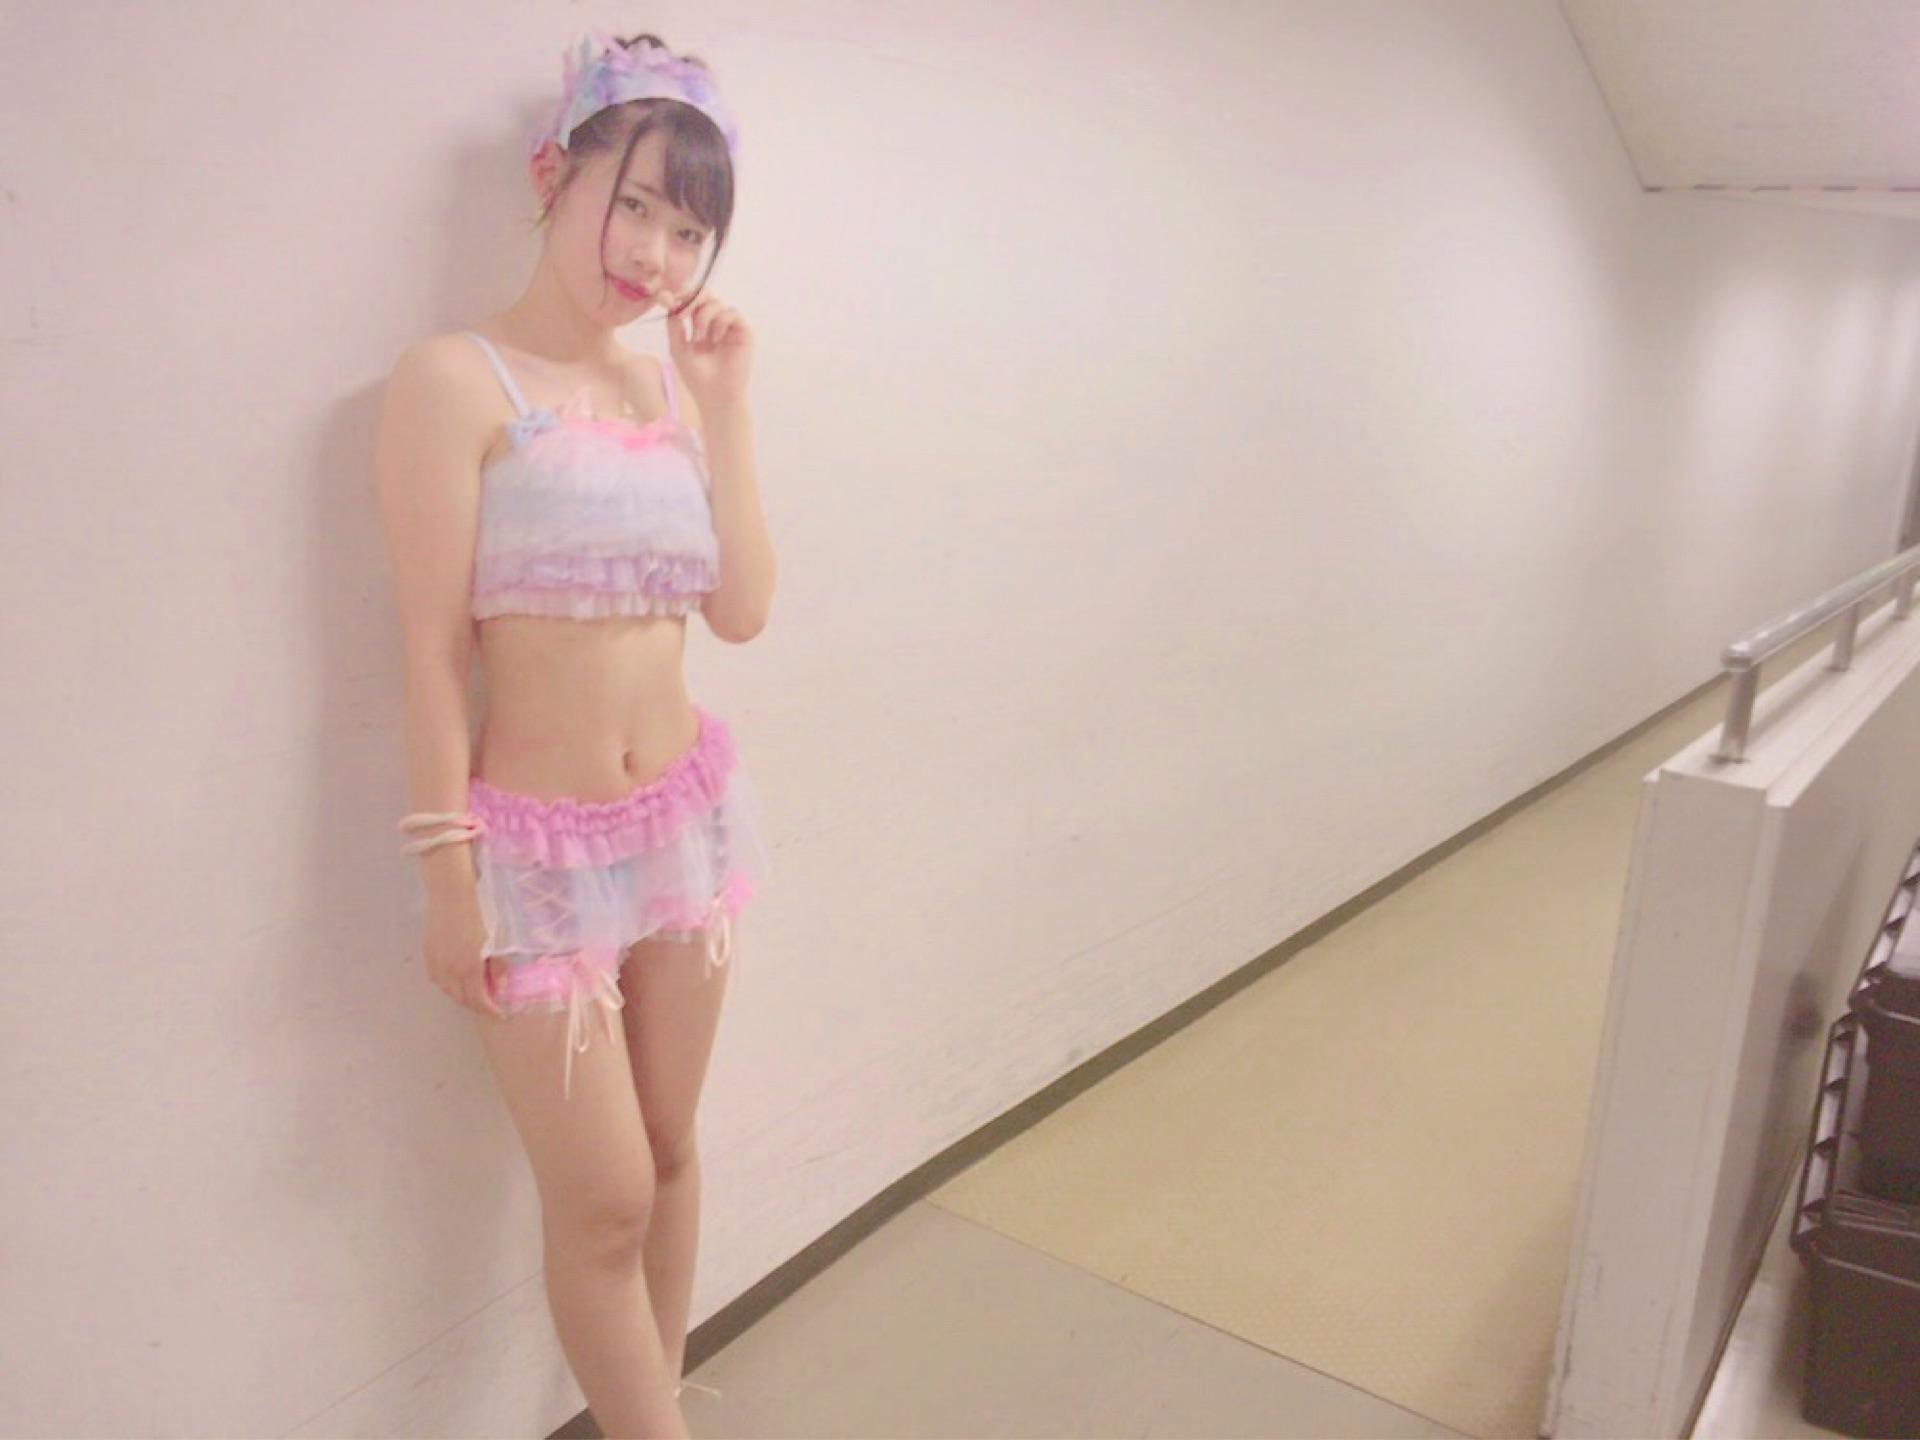 チーム8服部有菜さん(16歳)、水着よりもエロい服装を晒してしまう